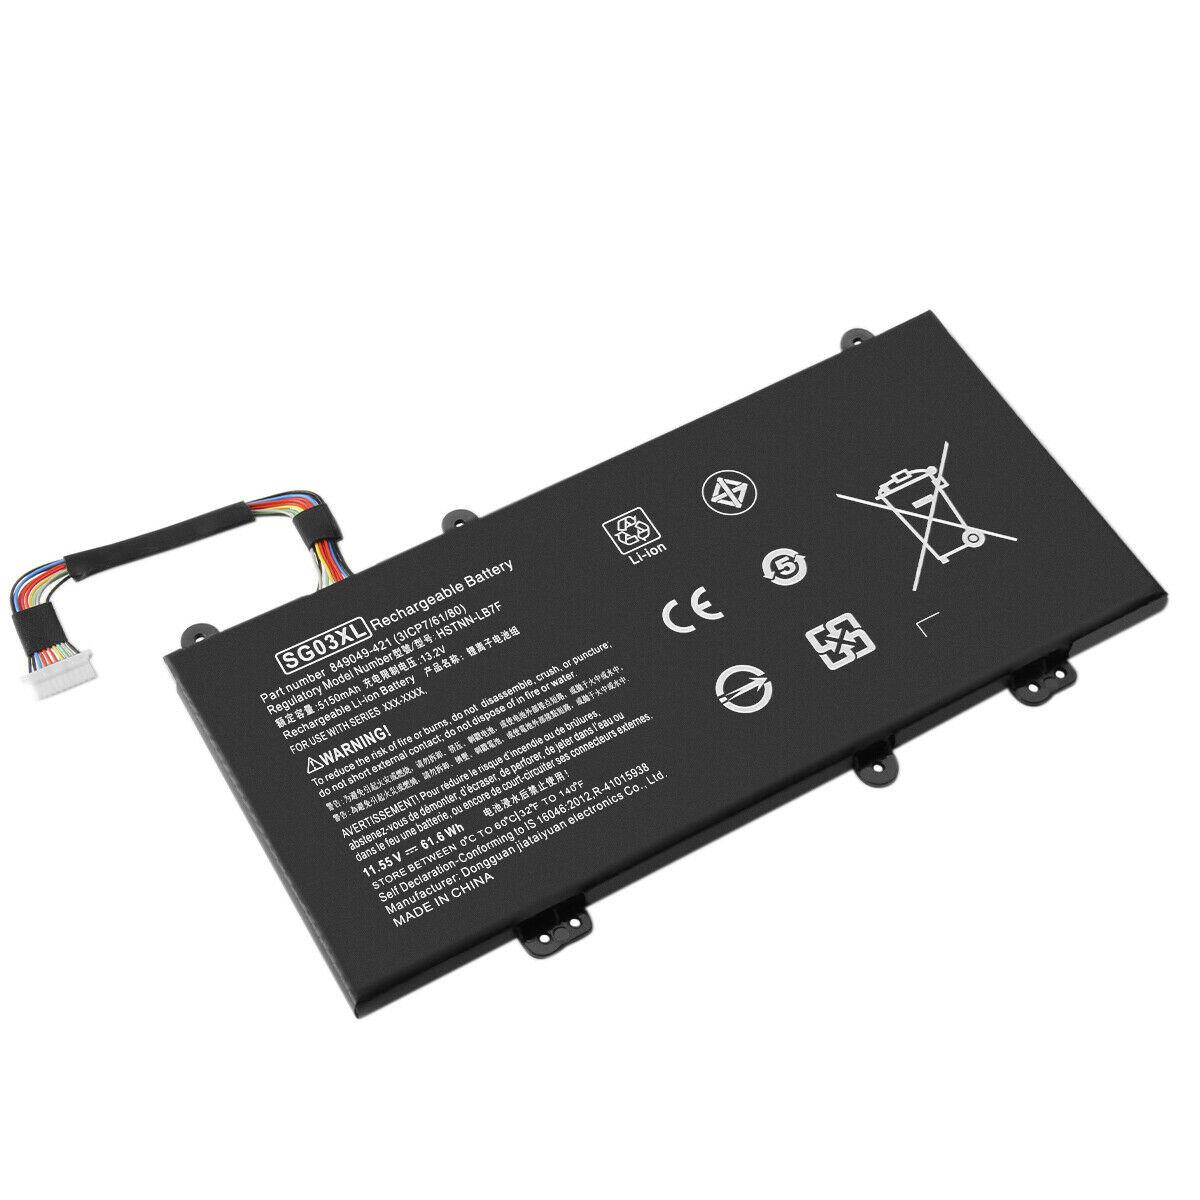 Batterie pour SG03XL TPN-I126 11.55V HP Envy 17-u011nr 17t-u000 m7-u109dx(compatible)